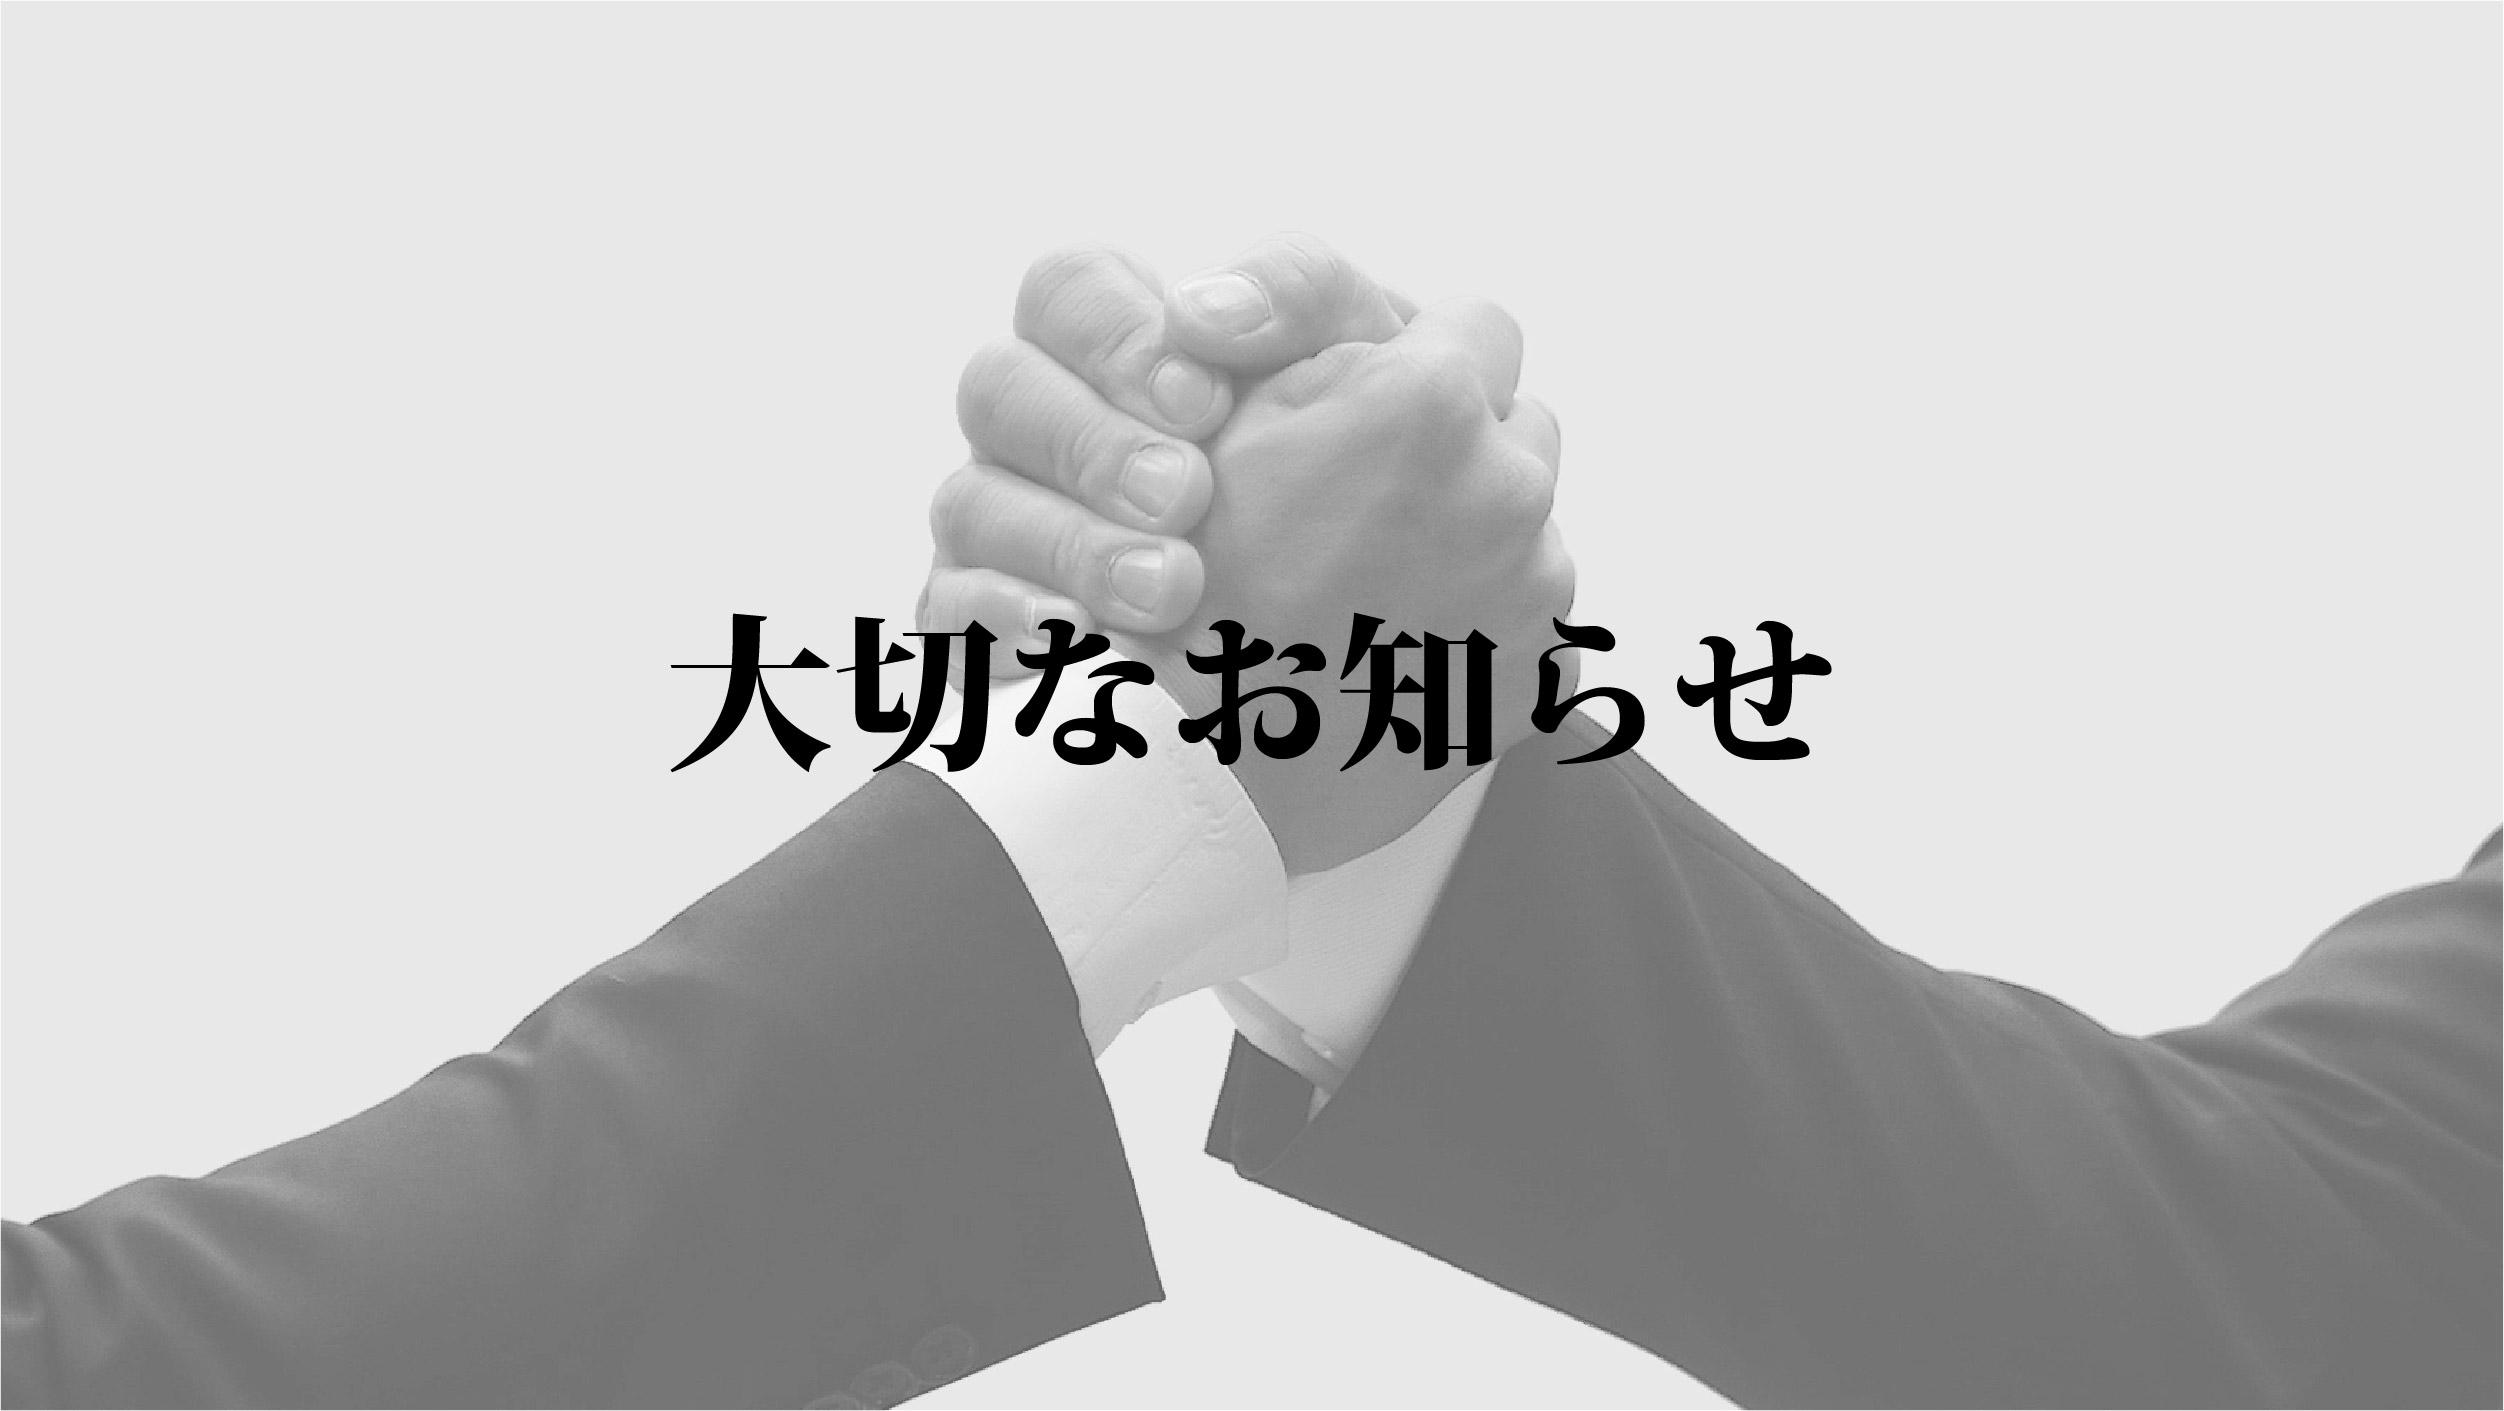 WEB画像レギュレーション-01